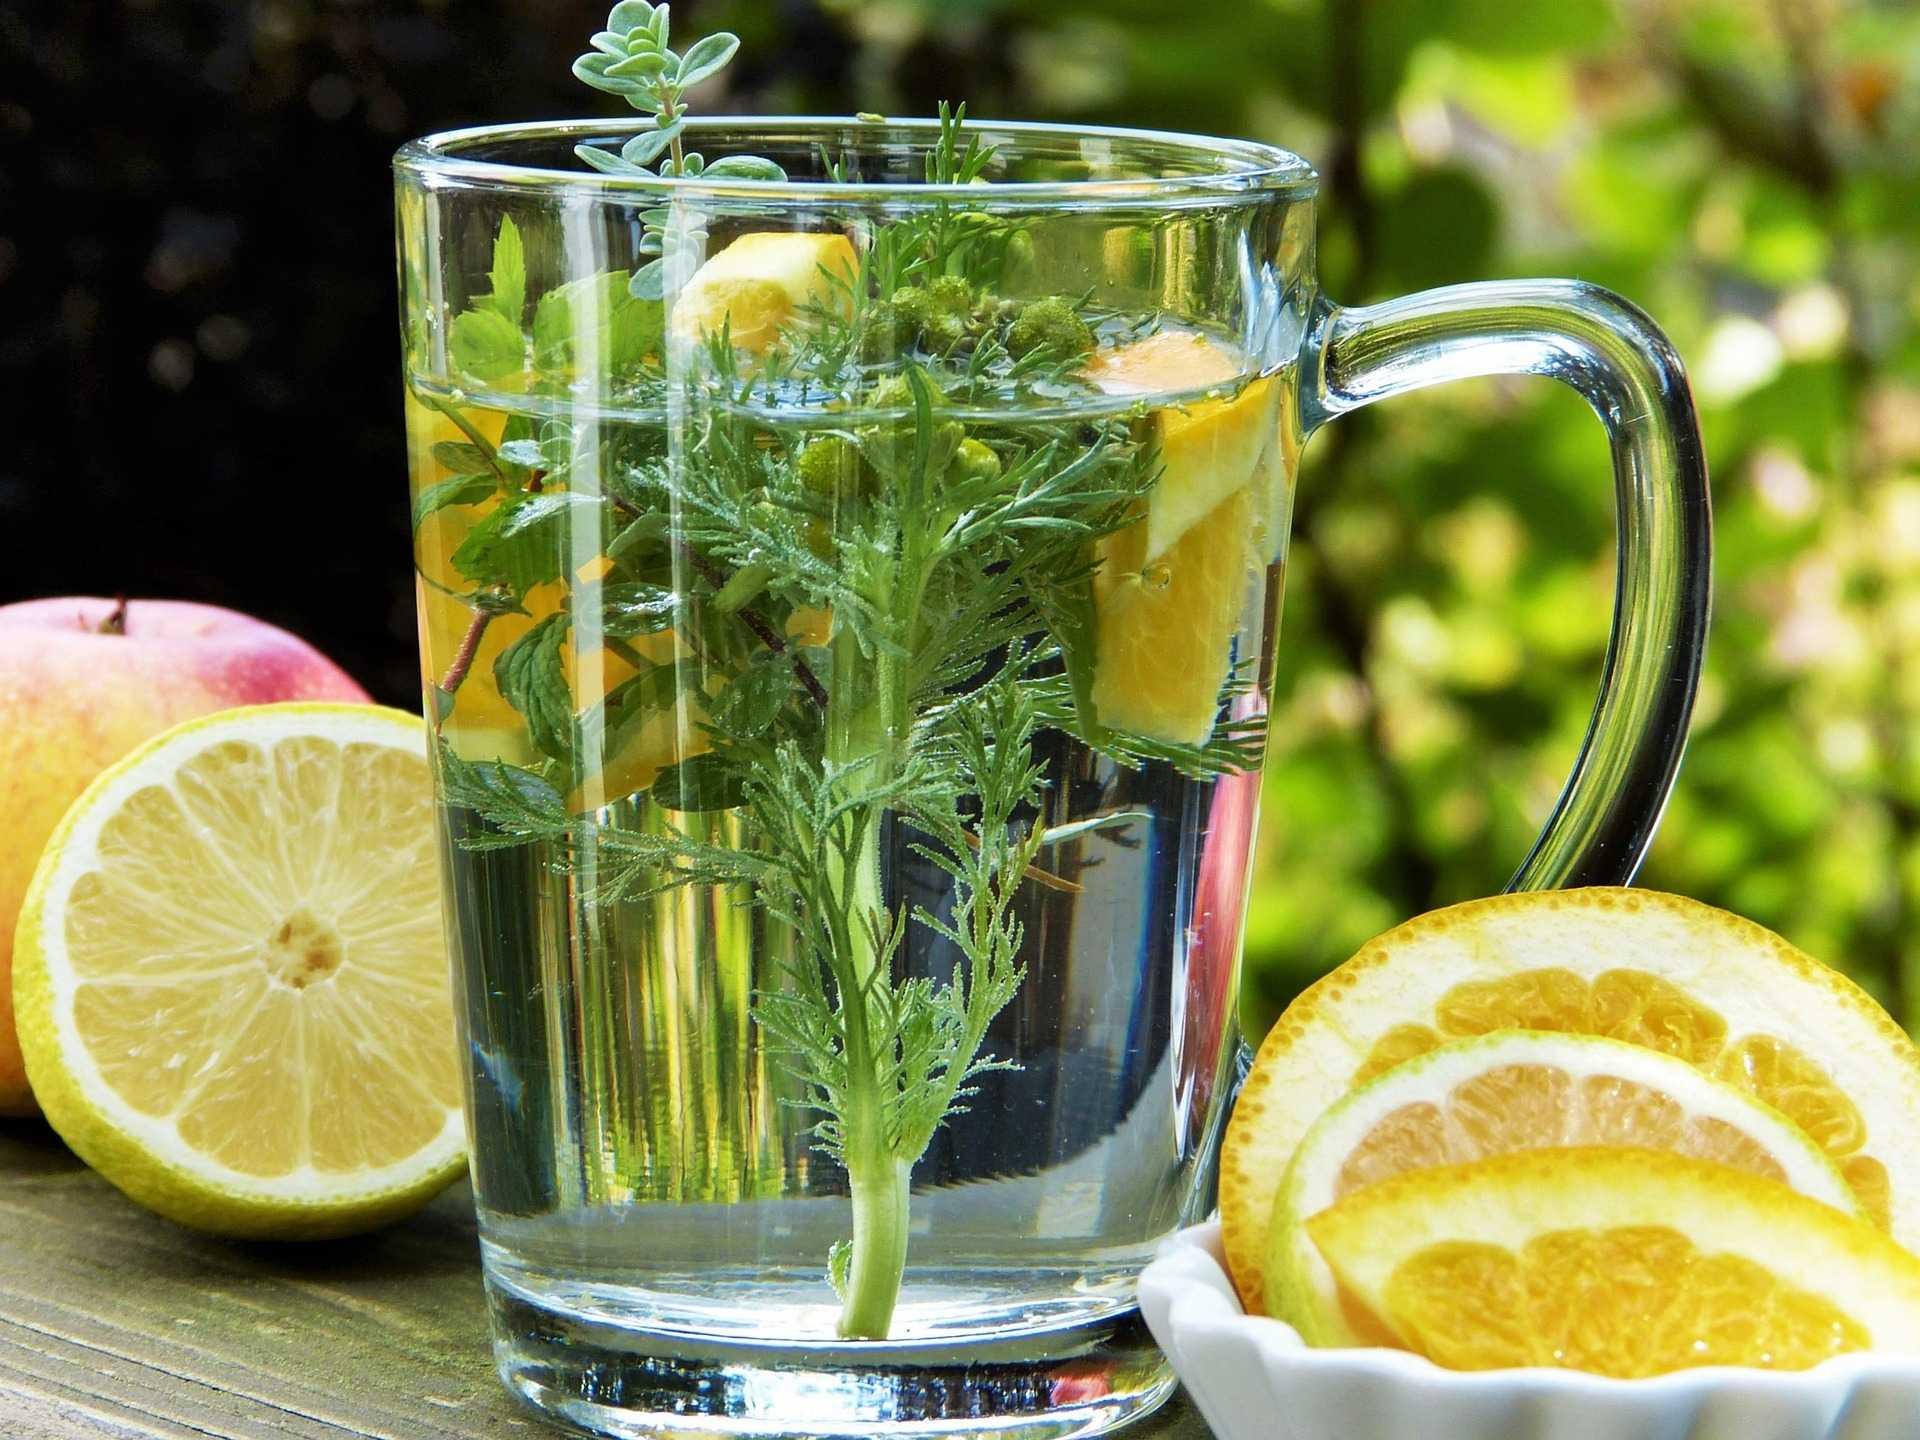 odpornośc porady apteka naturalnie zdrowi